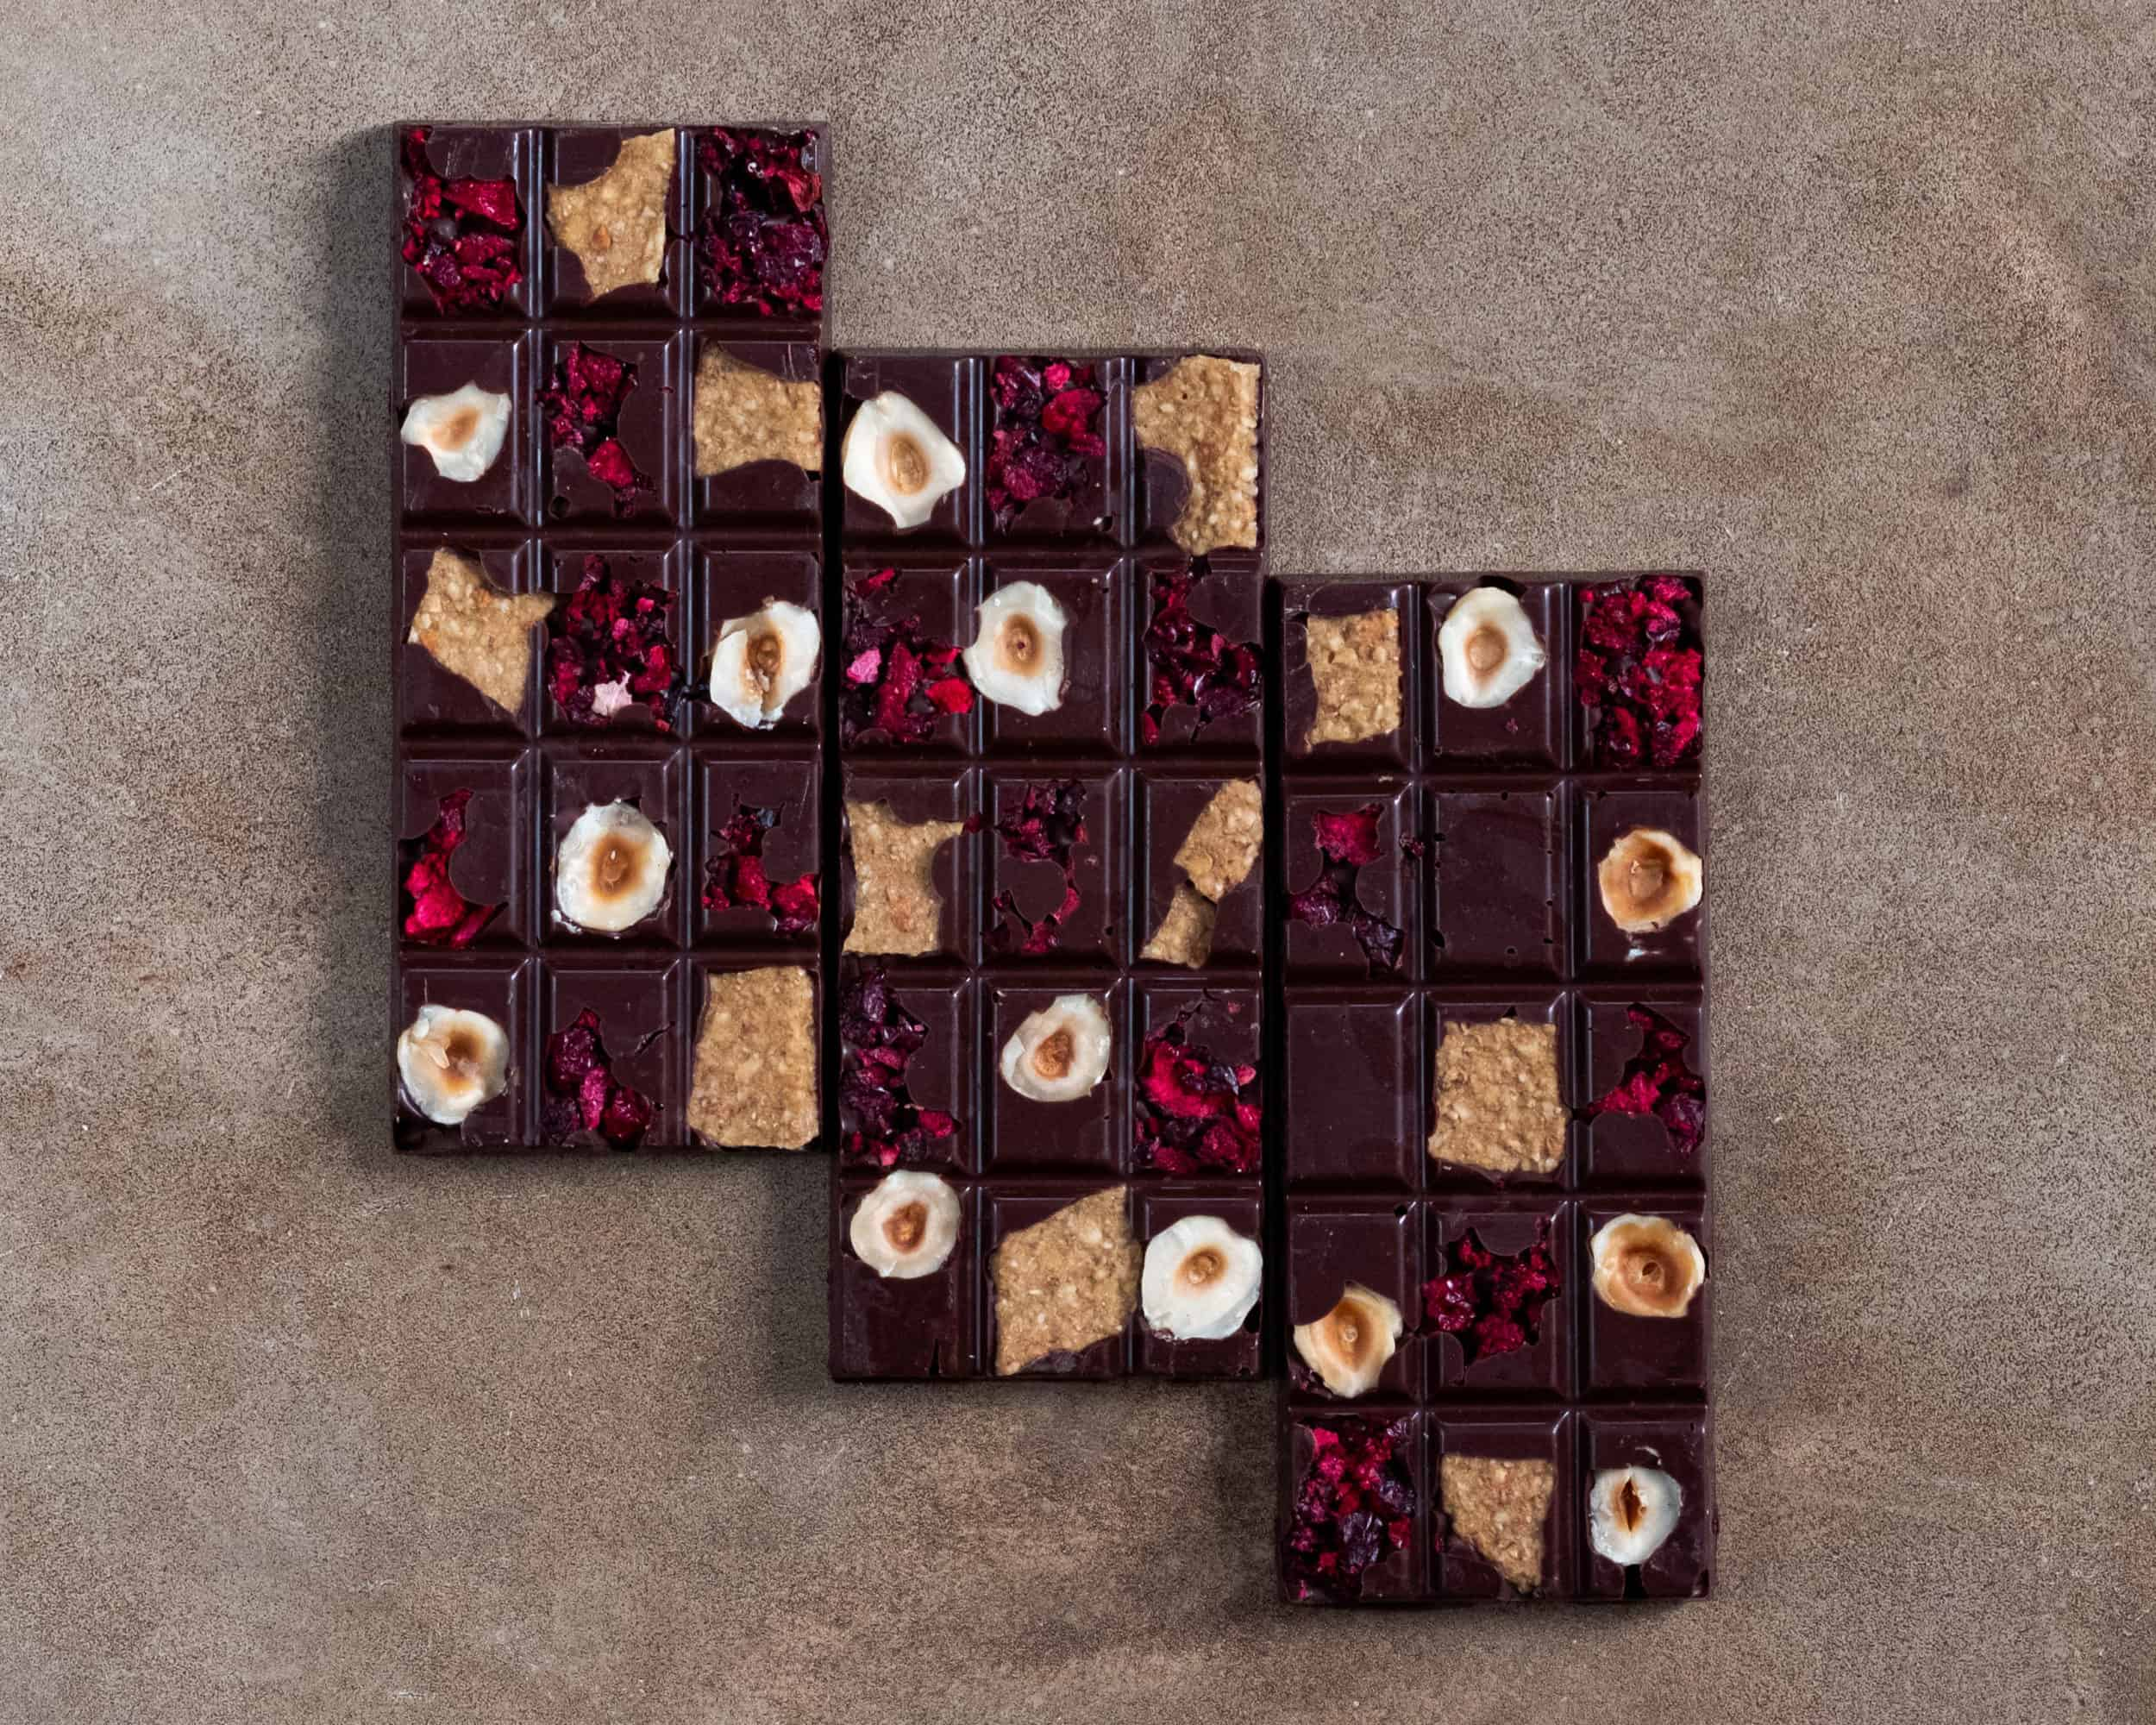 Textured Chocolate Bars